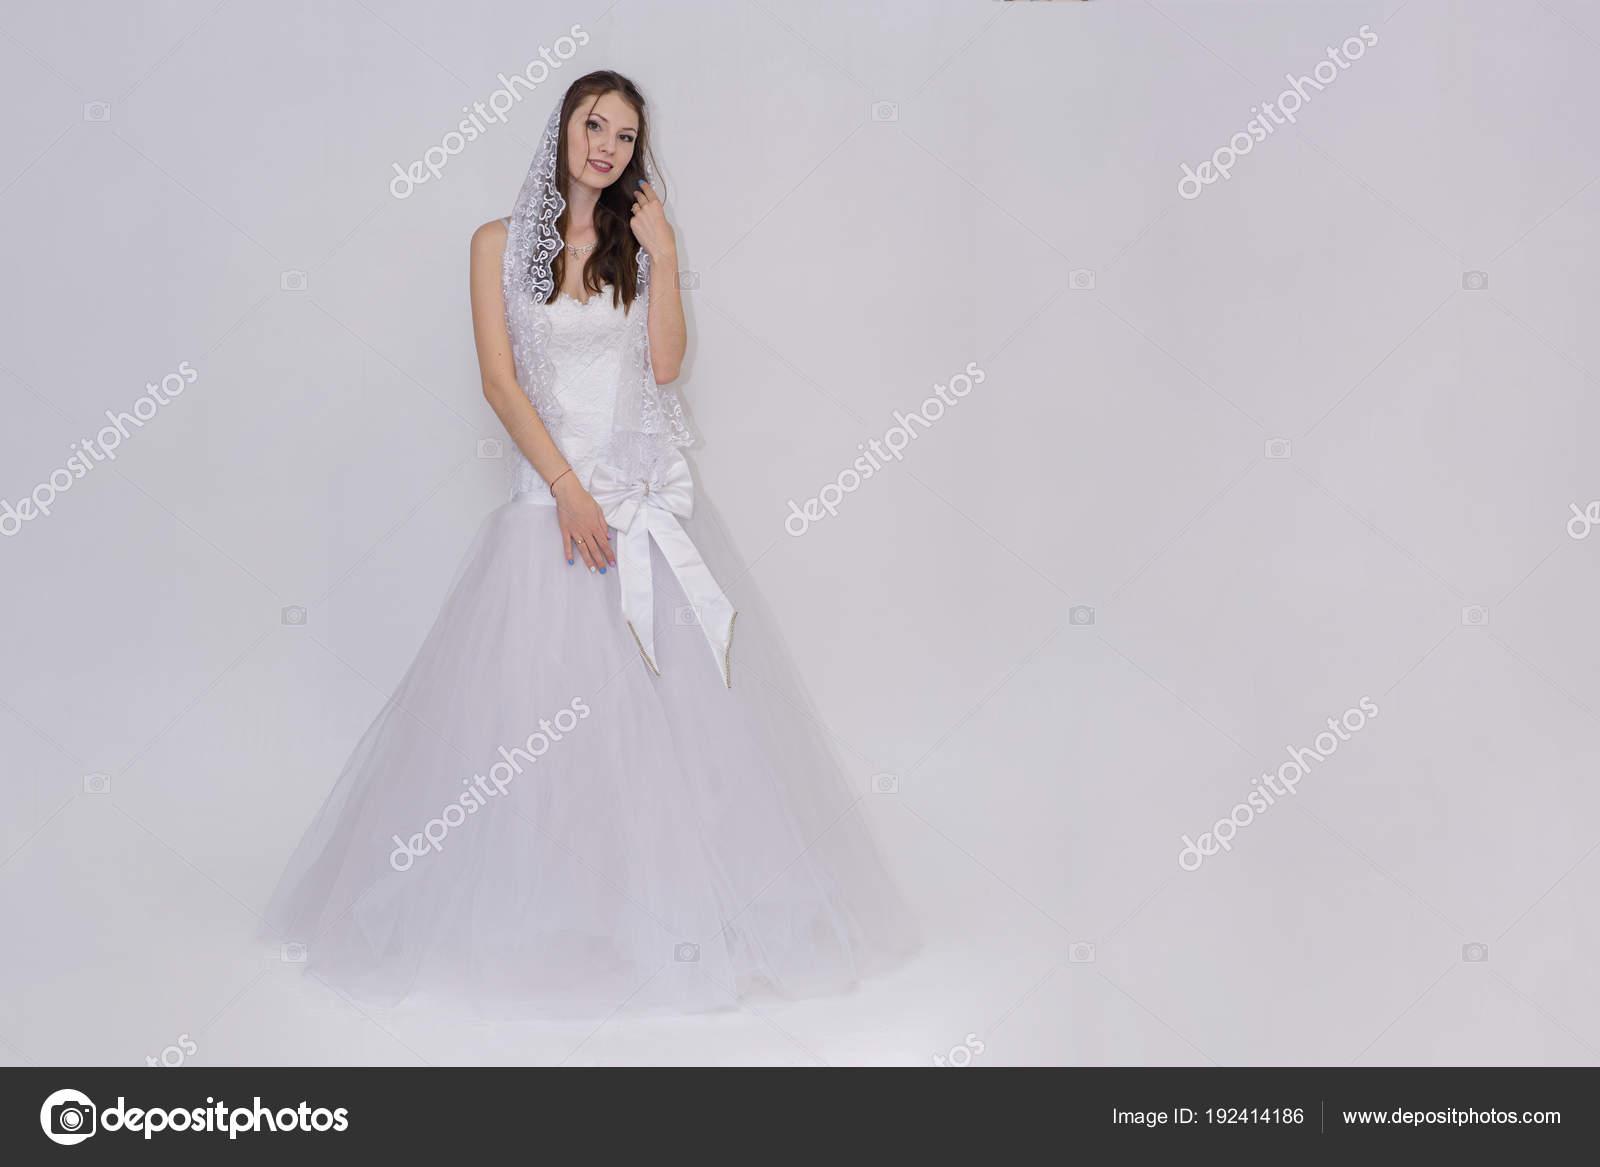 Schone Braut Weissen Hochzeitskleid Verschiedenen Posen Auf Weissem